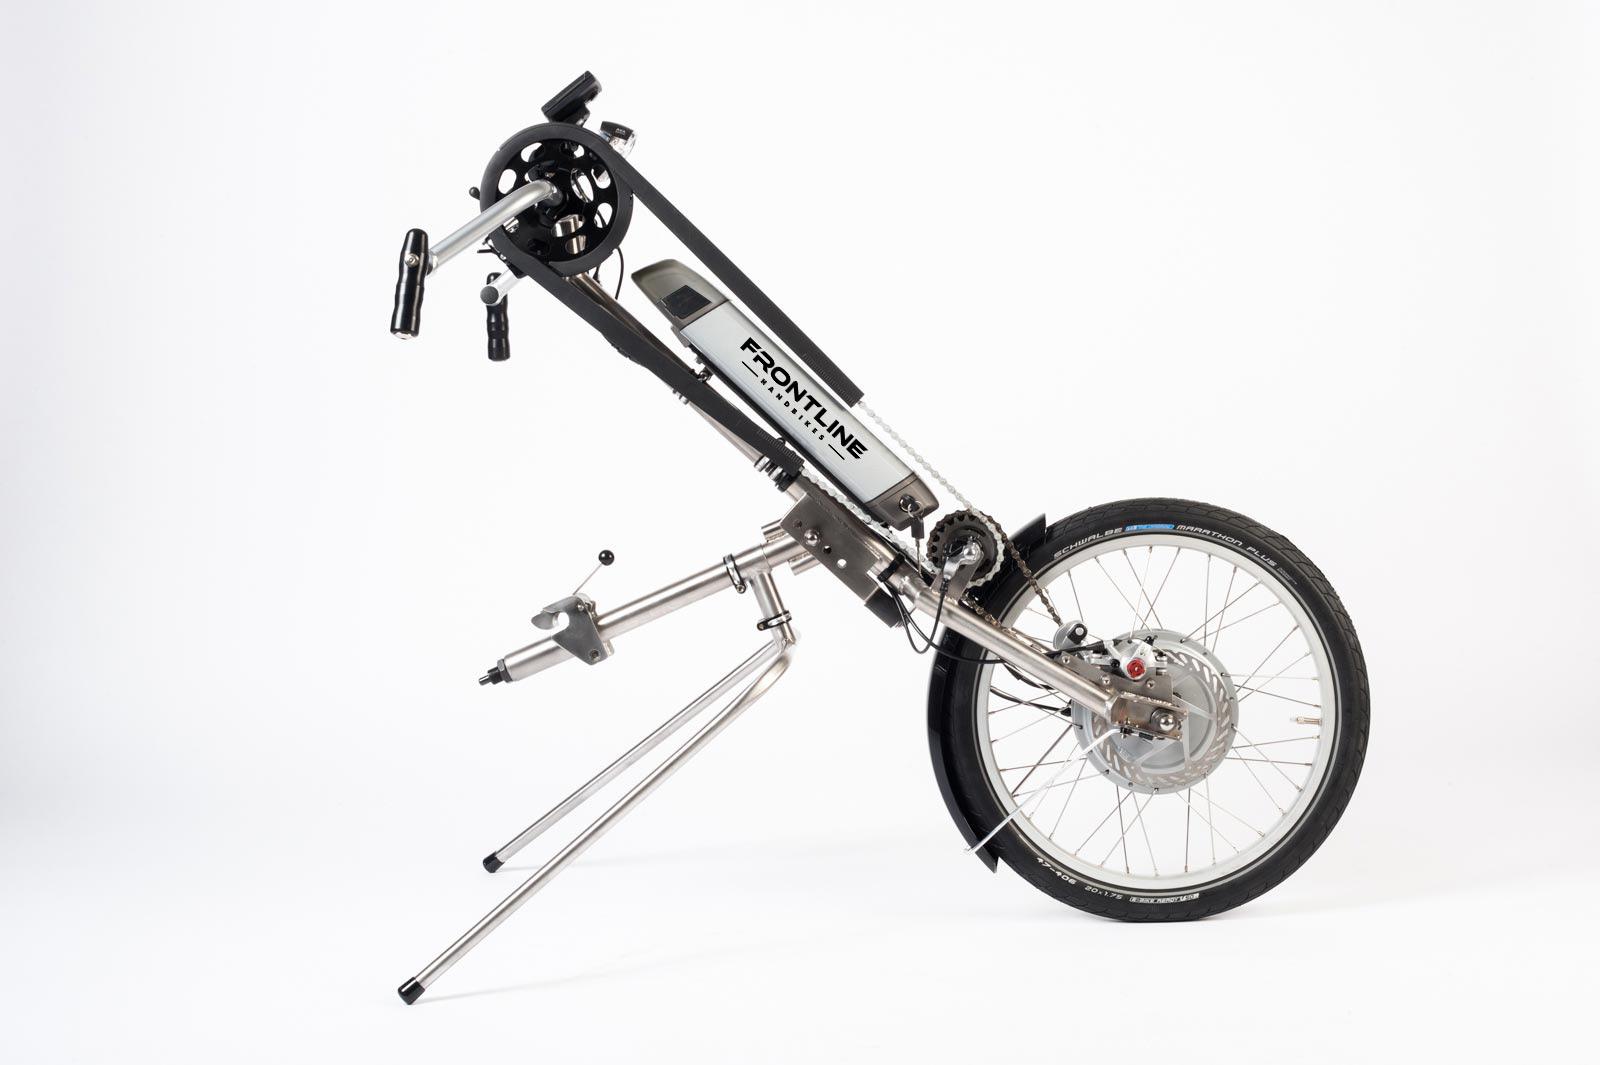 Frontline N3R-Lithium handbike